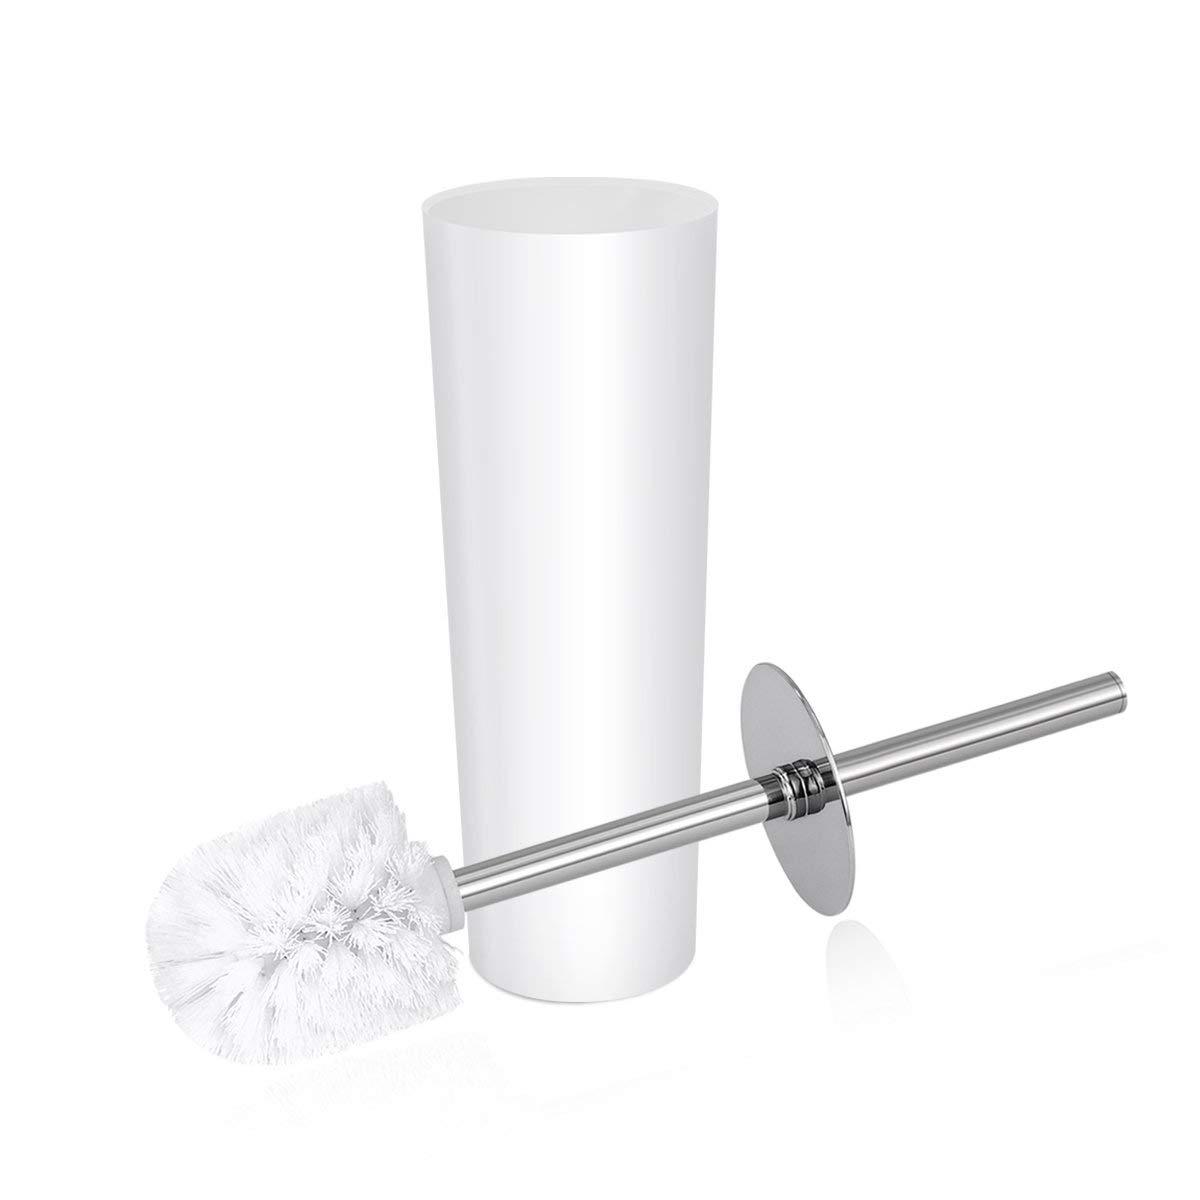 OUNONA Toilet Brush and Holder Set Modern Design Longer Brush and Heavy Enough for Bathroom Toilet (White)